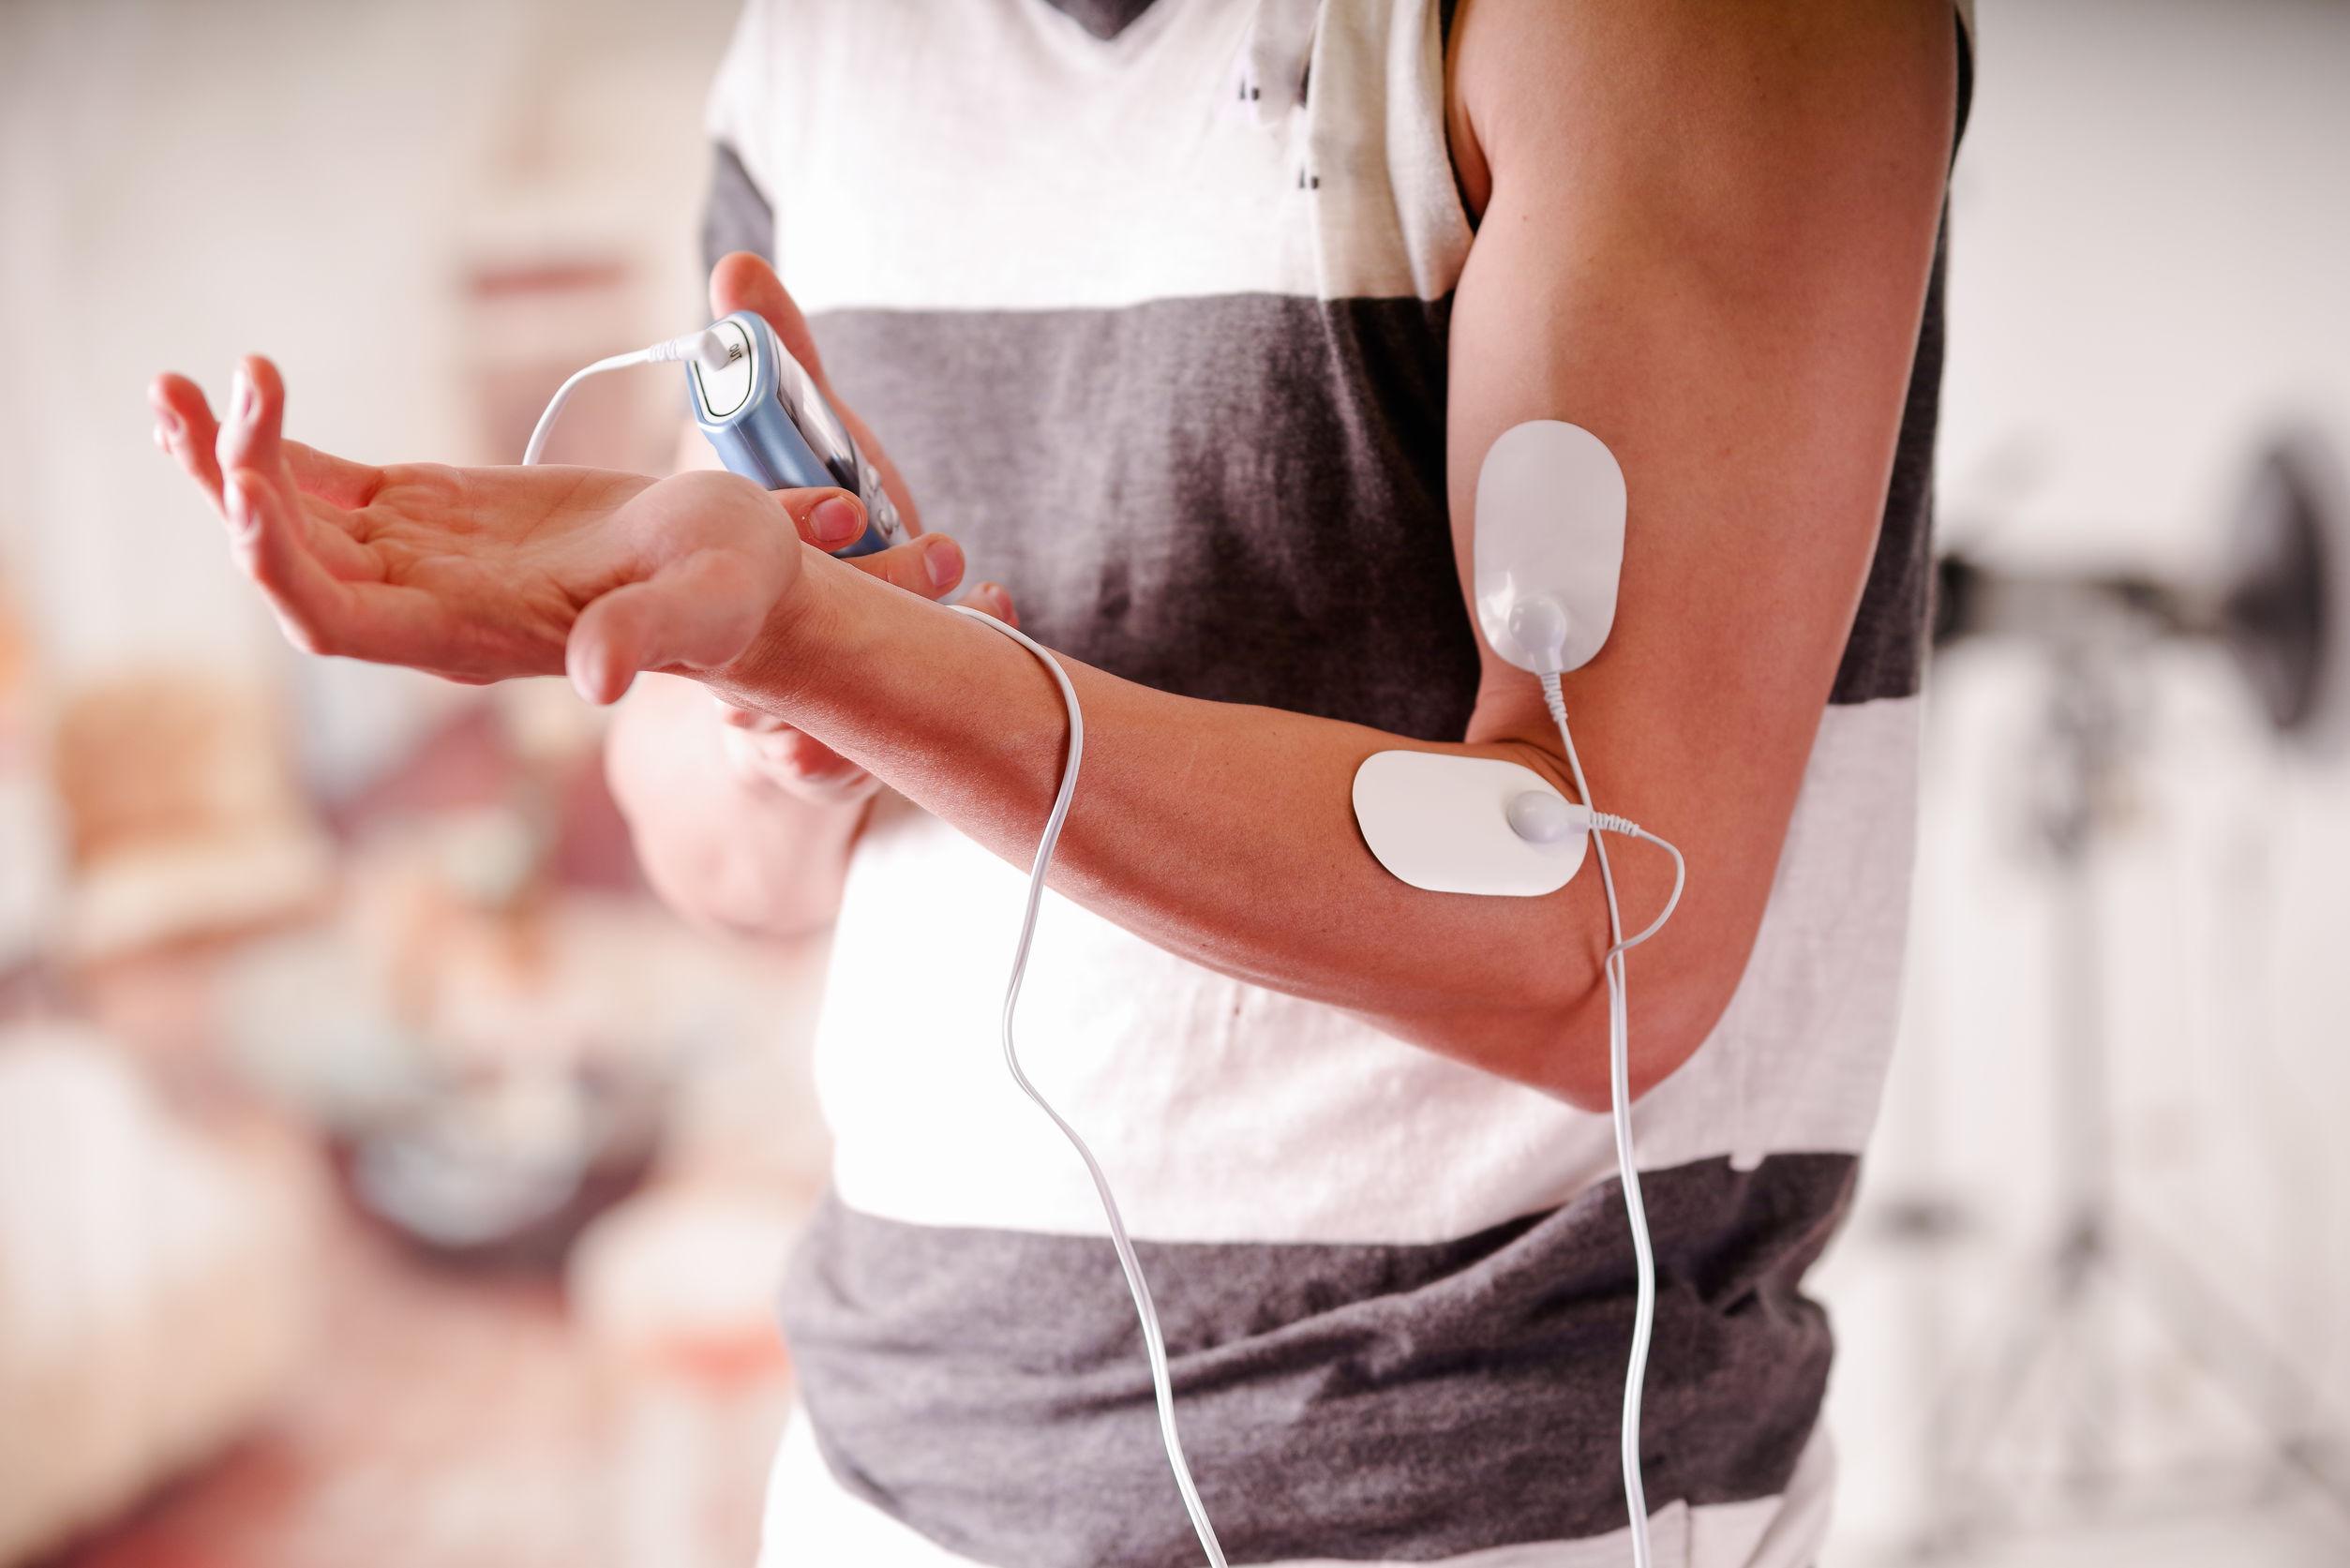 Elettrodi di un elettrostimolatore su un braccio